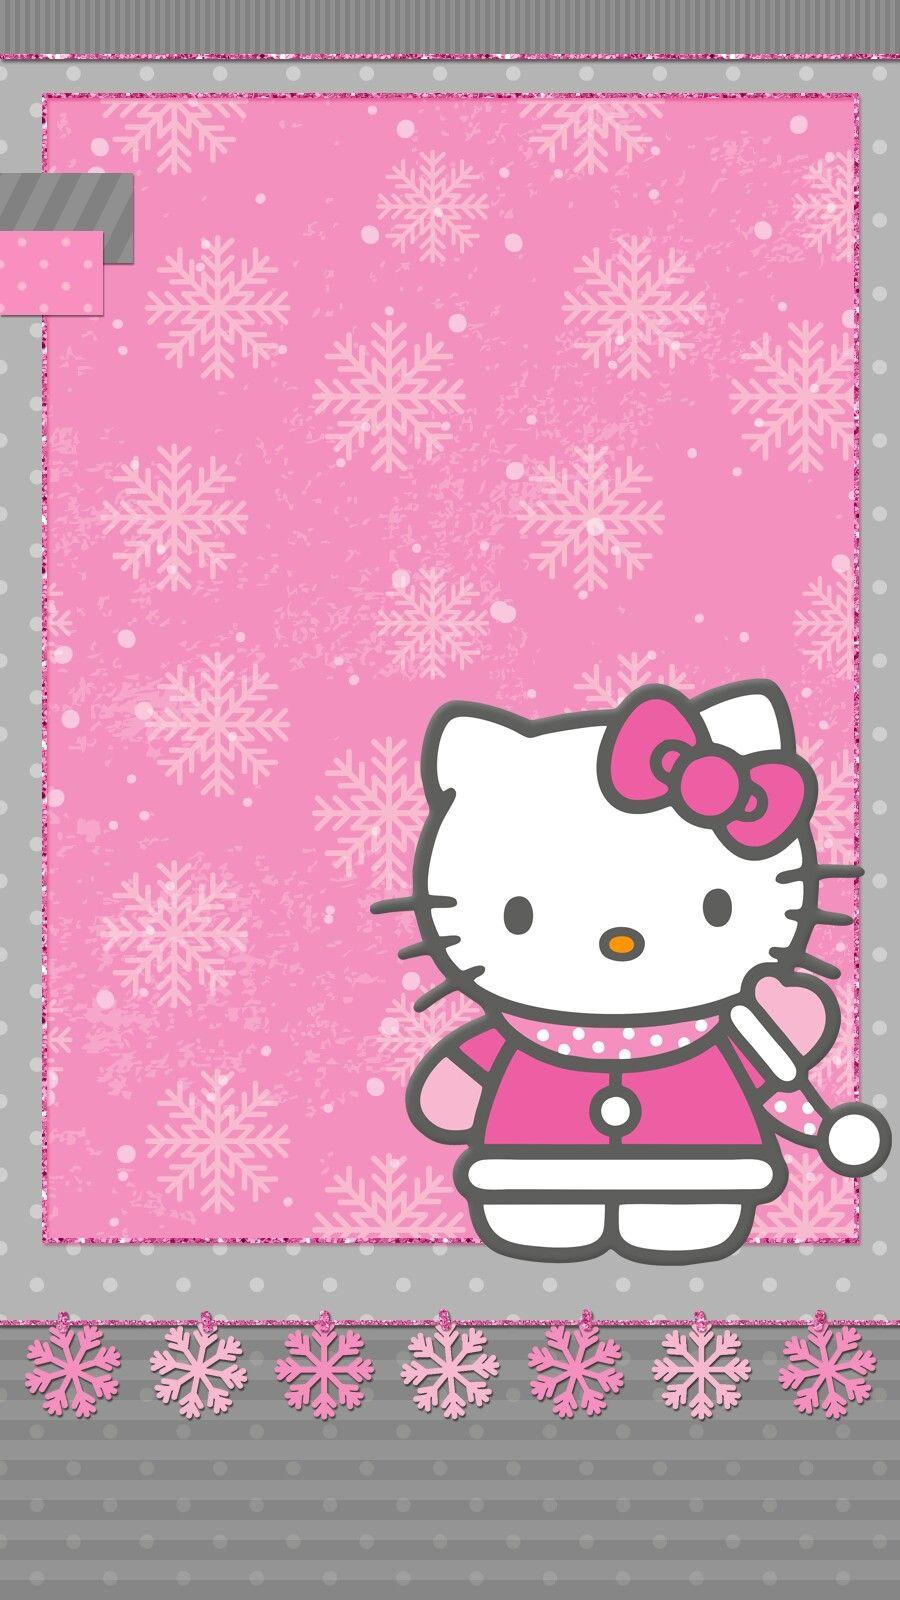 hello_kitty winter Hello kitty wallpaper, Hello kitty